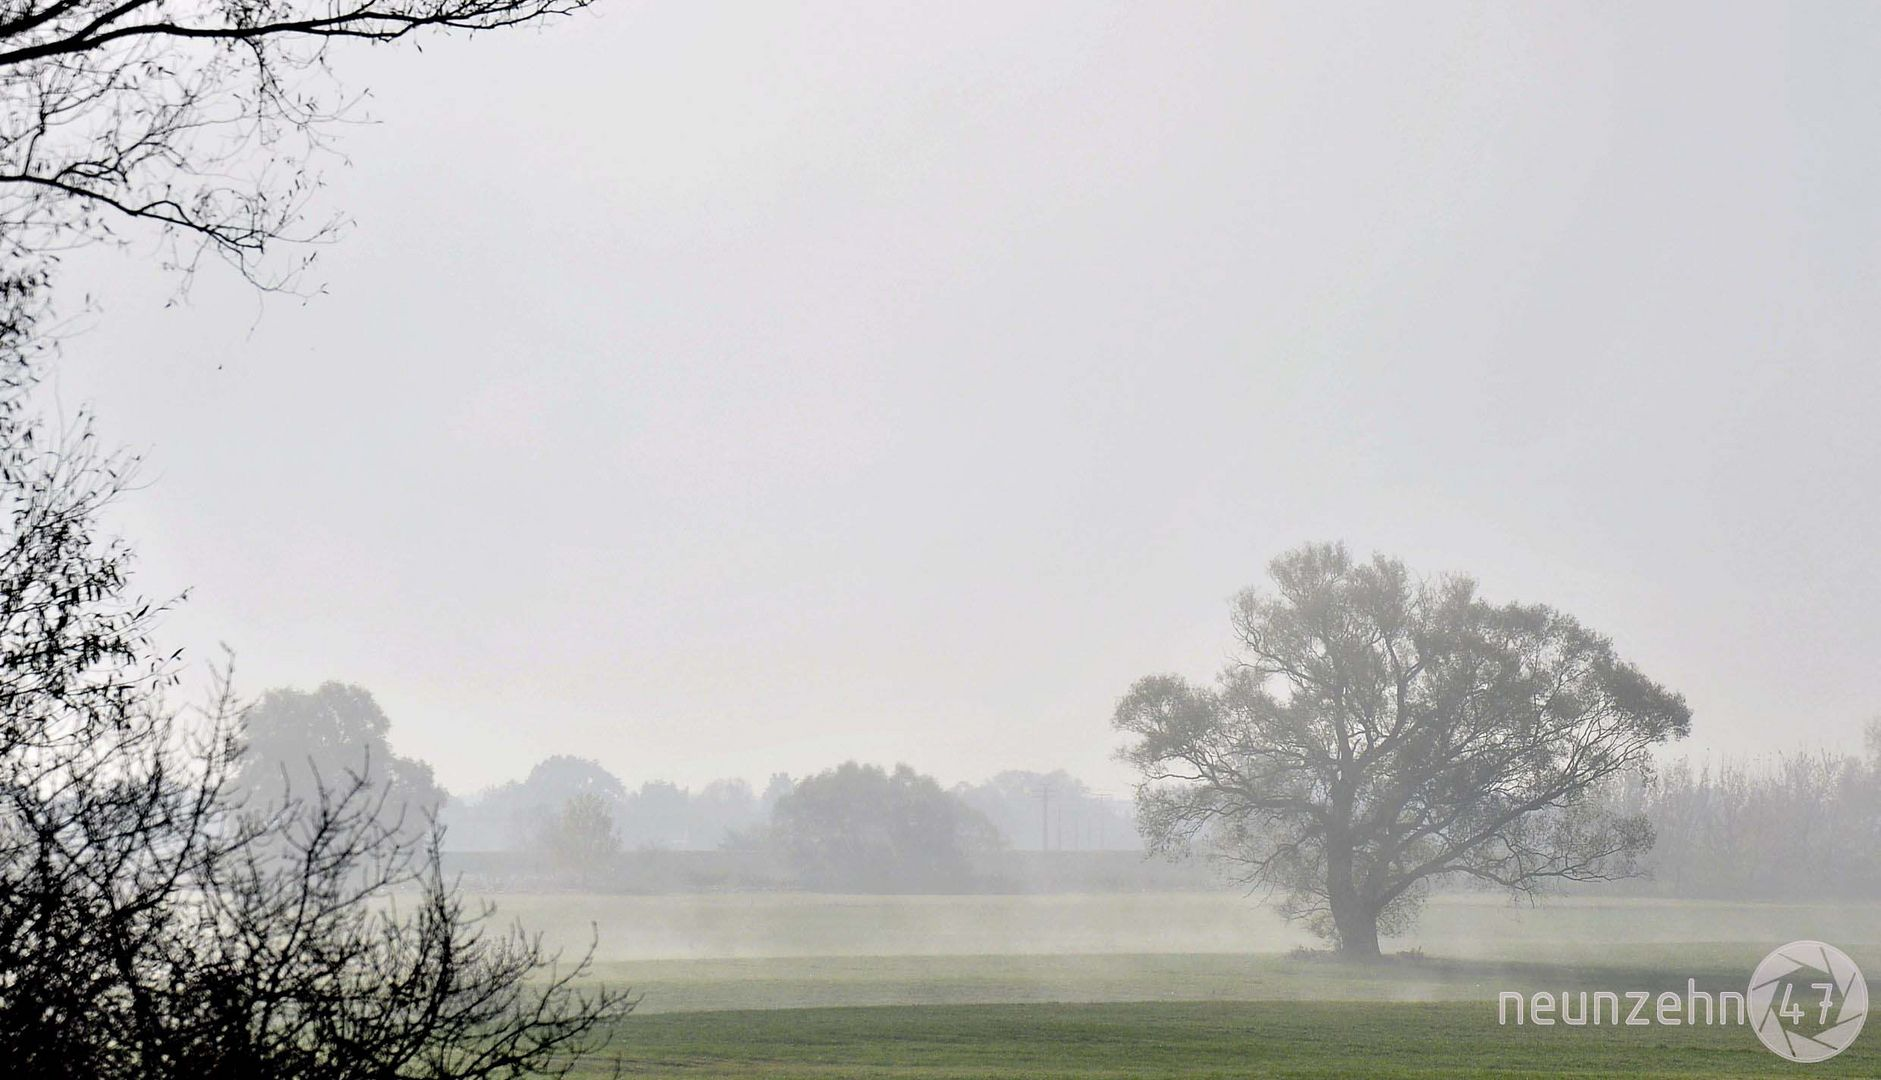 Nebel in der Donauebene